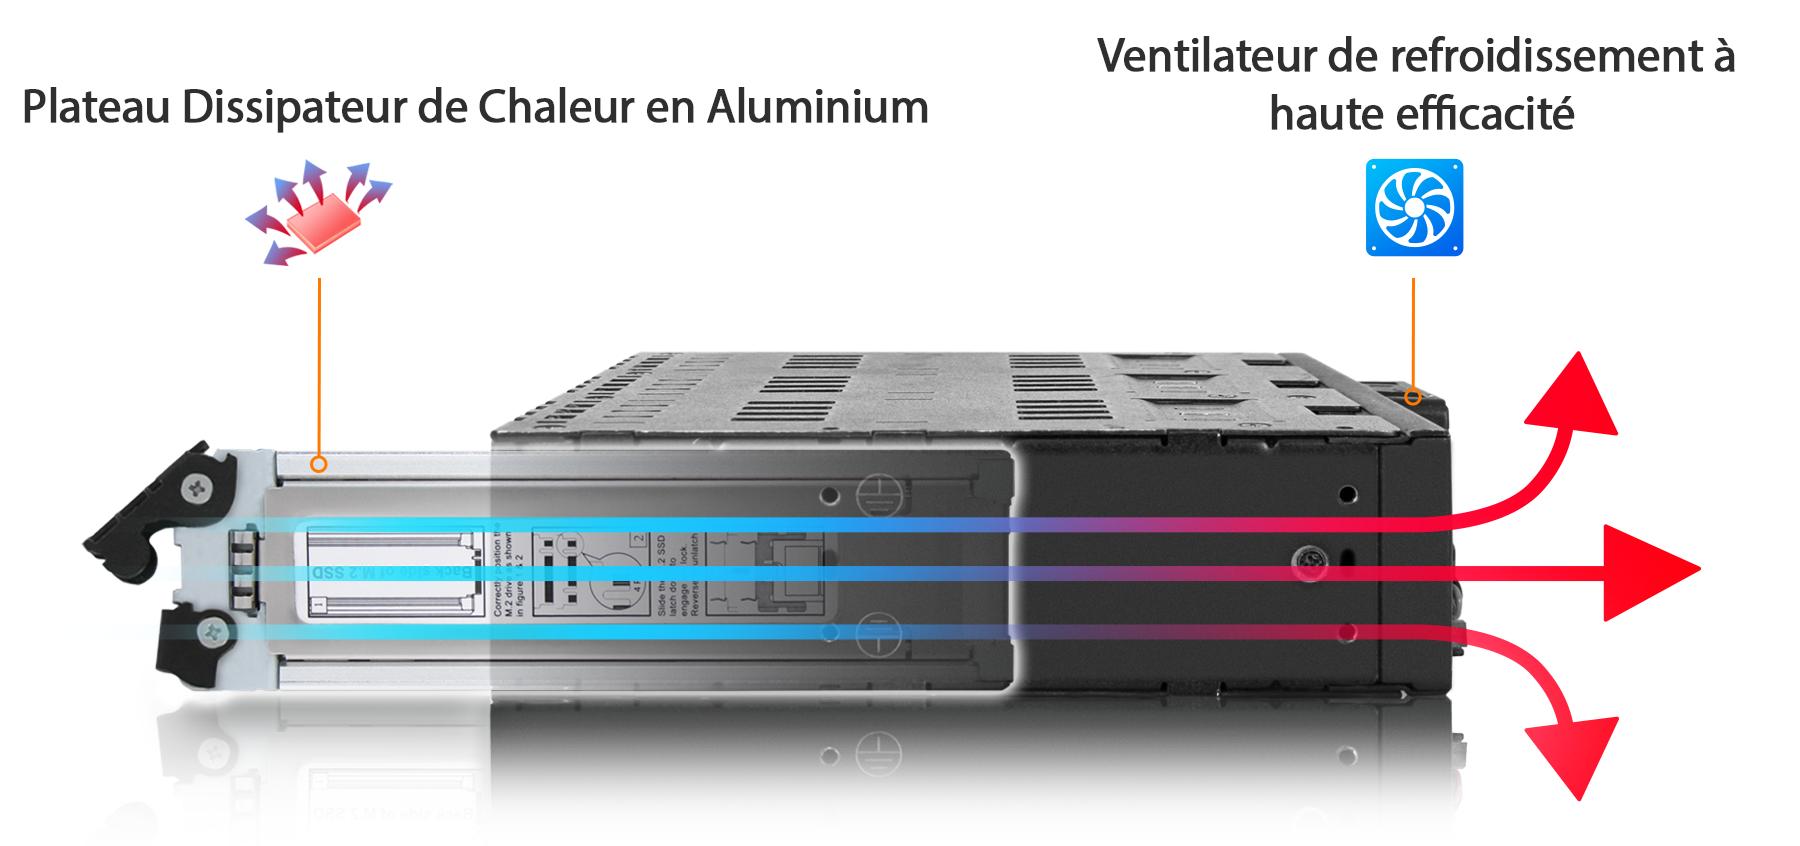 Flèches colorées montrant la bonne circulationde l'air dans l'appareil